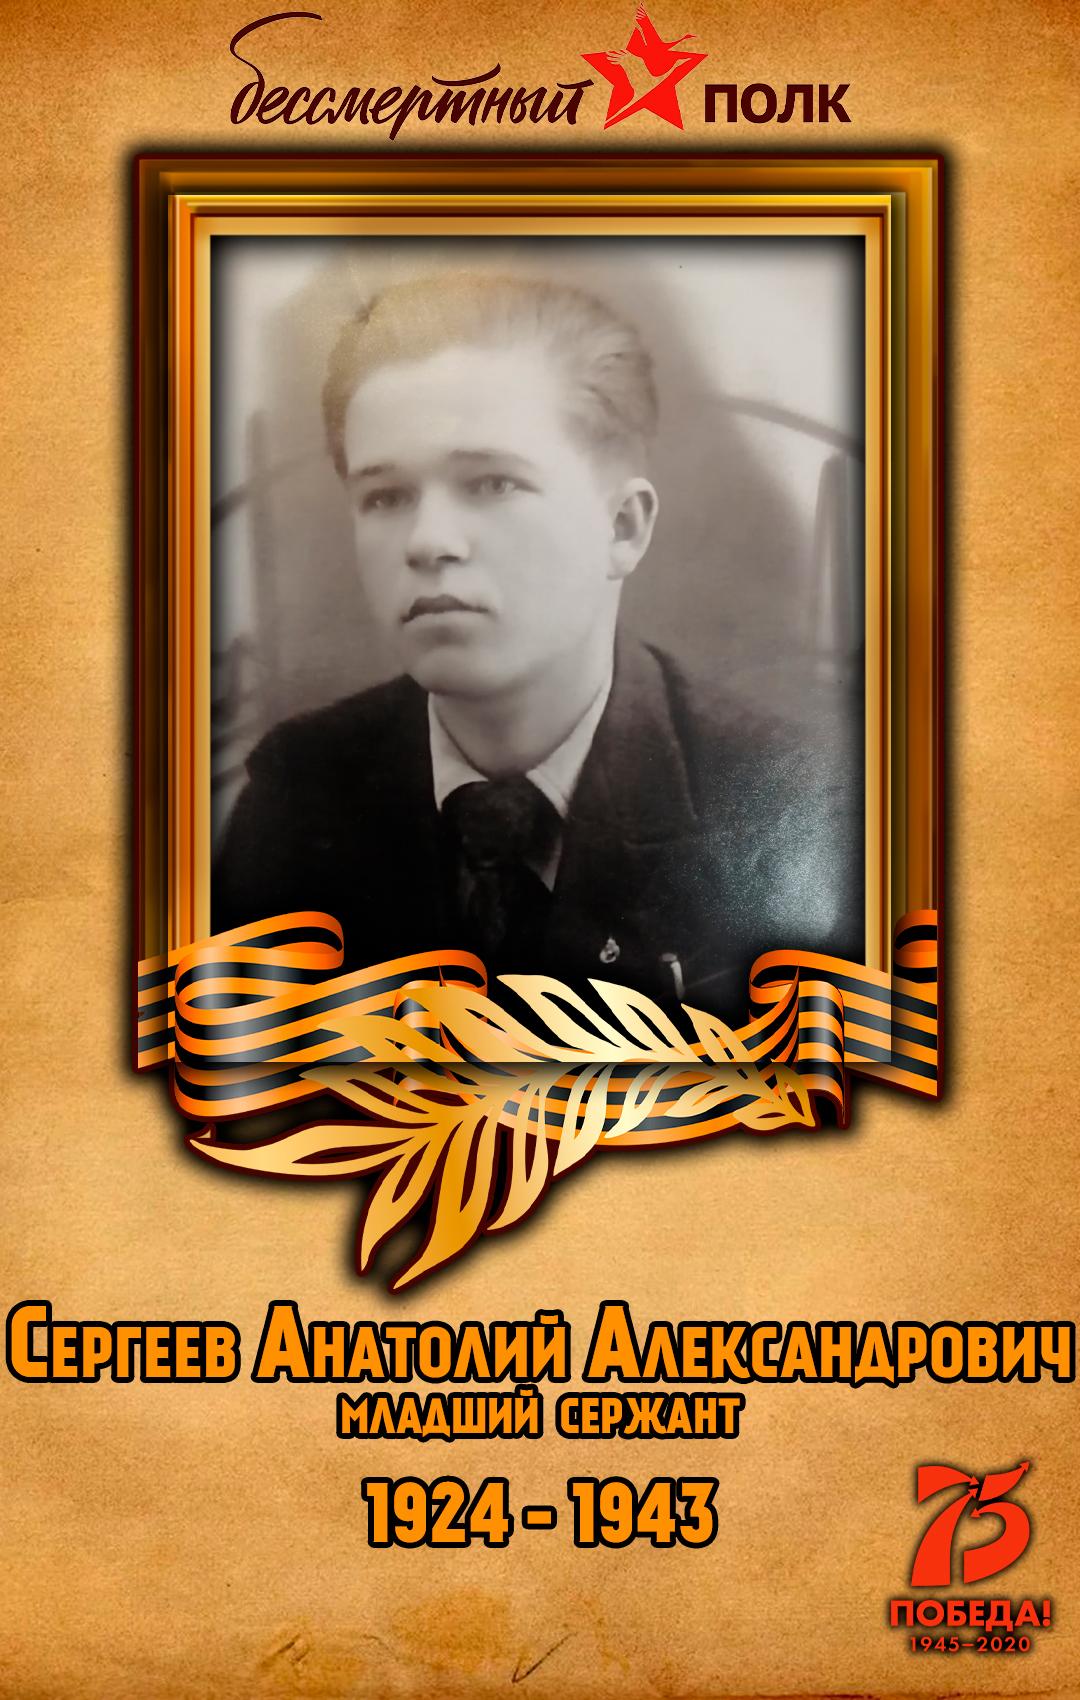 Сергеев-Анатолий-Александрович